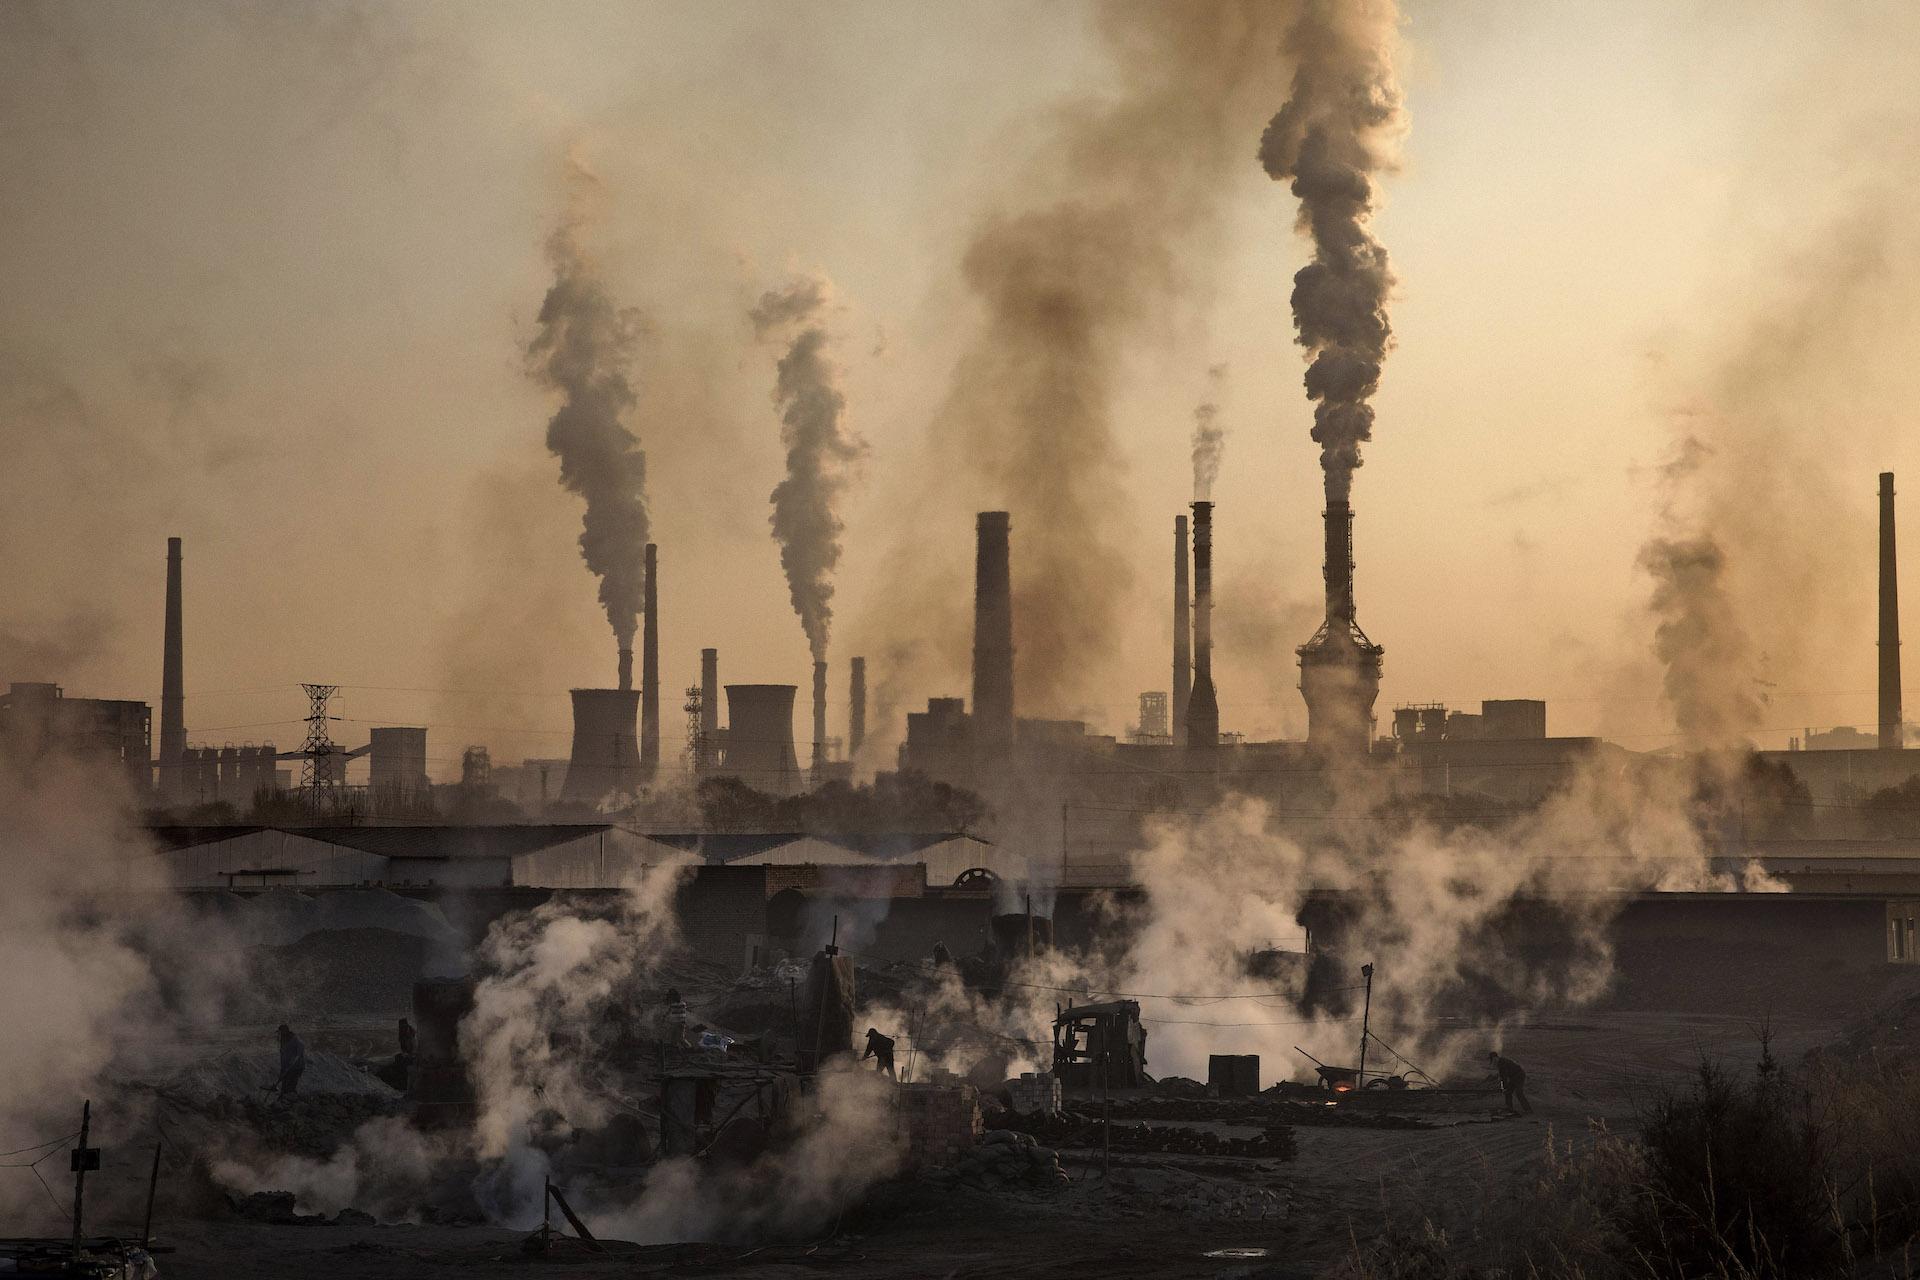 carbone cina centrali emissioni